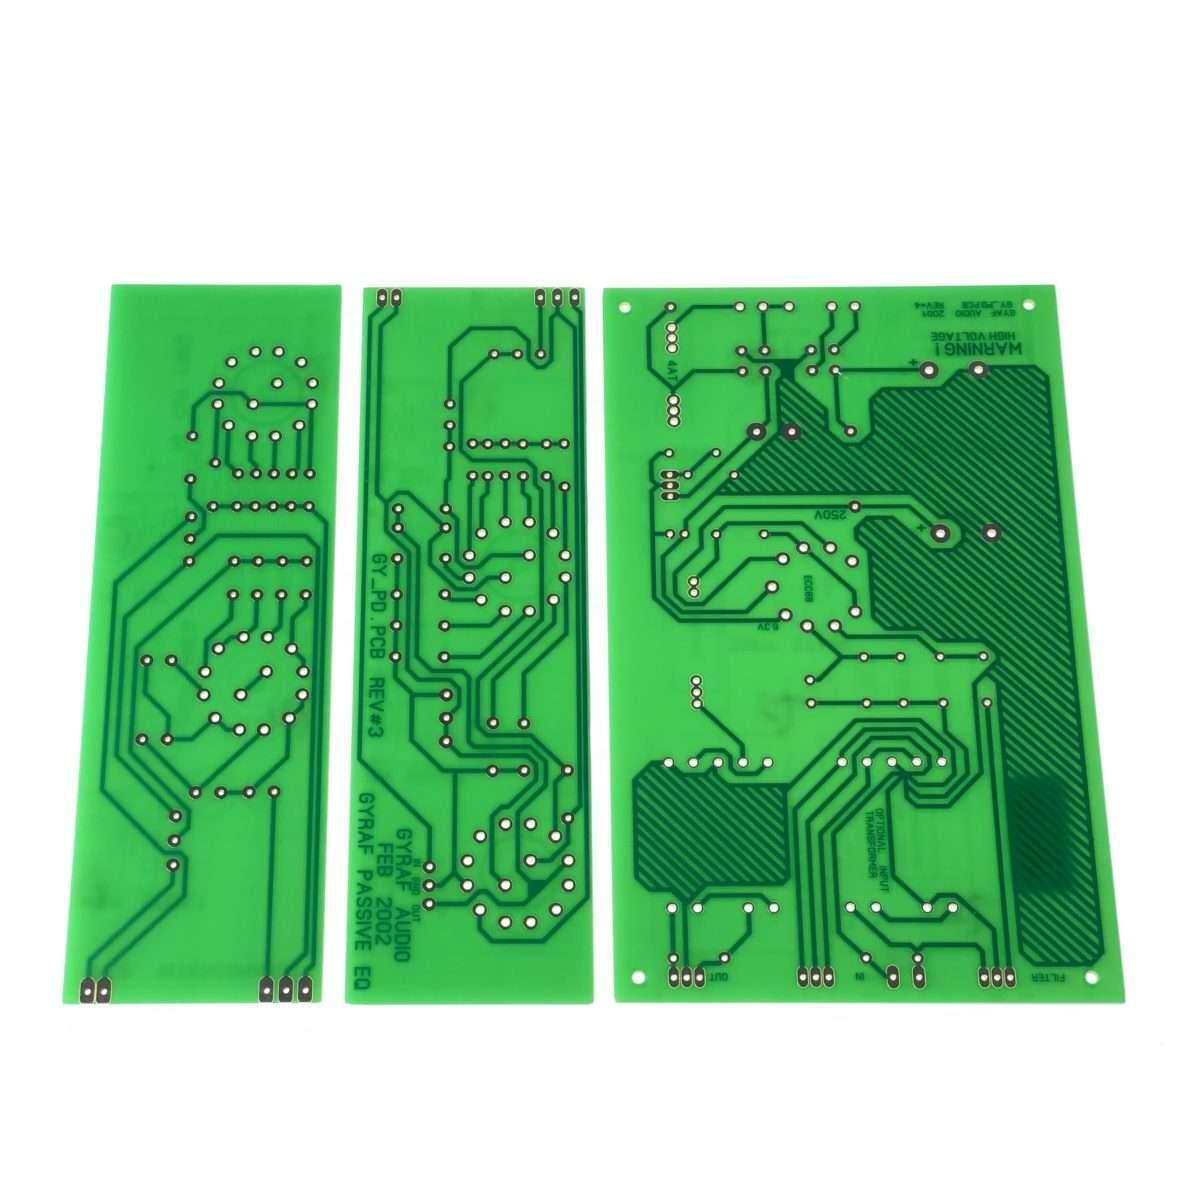 Gyraf Pultec Tube EQ PCB Set